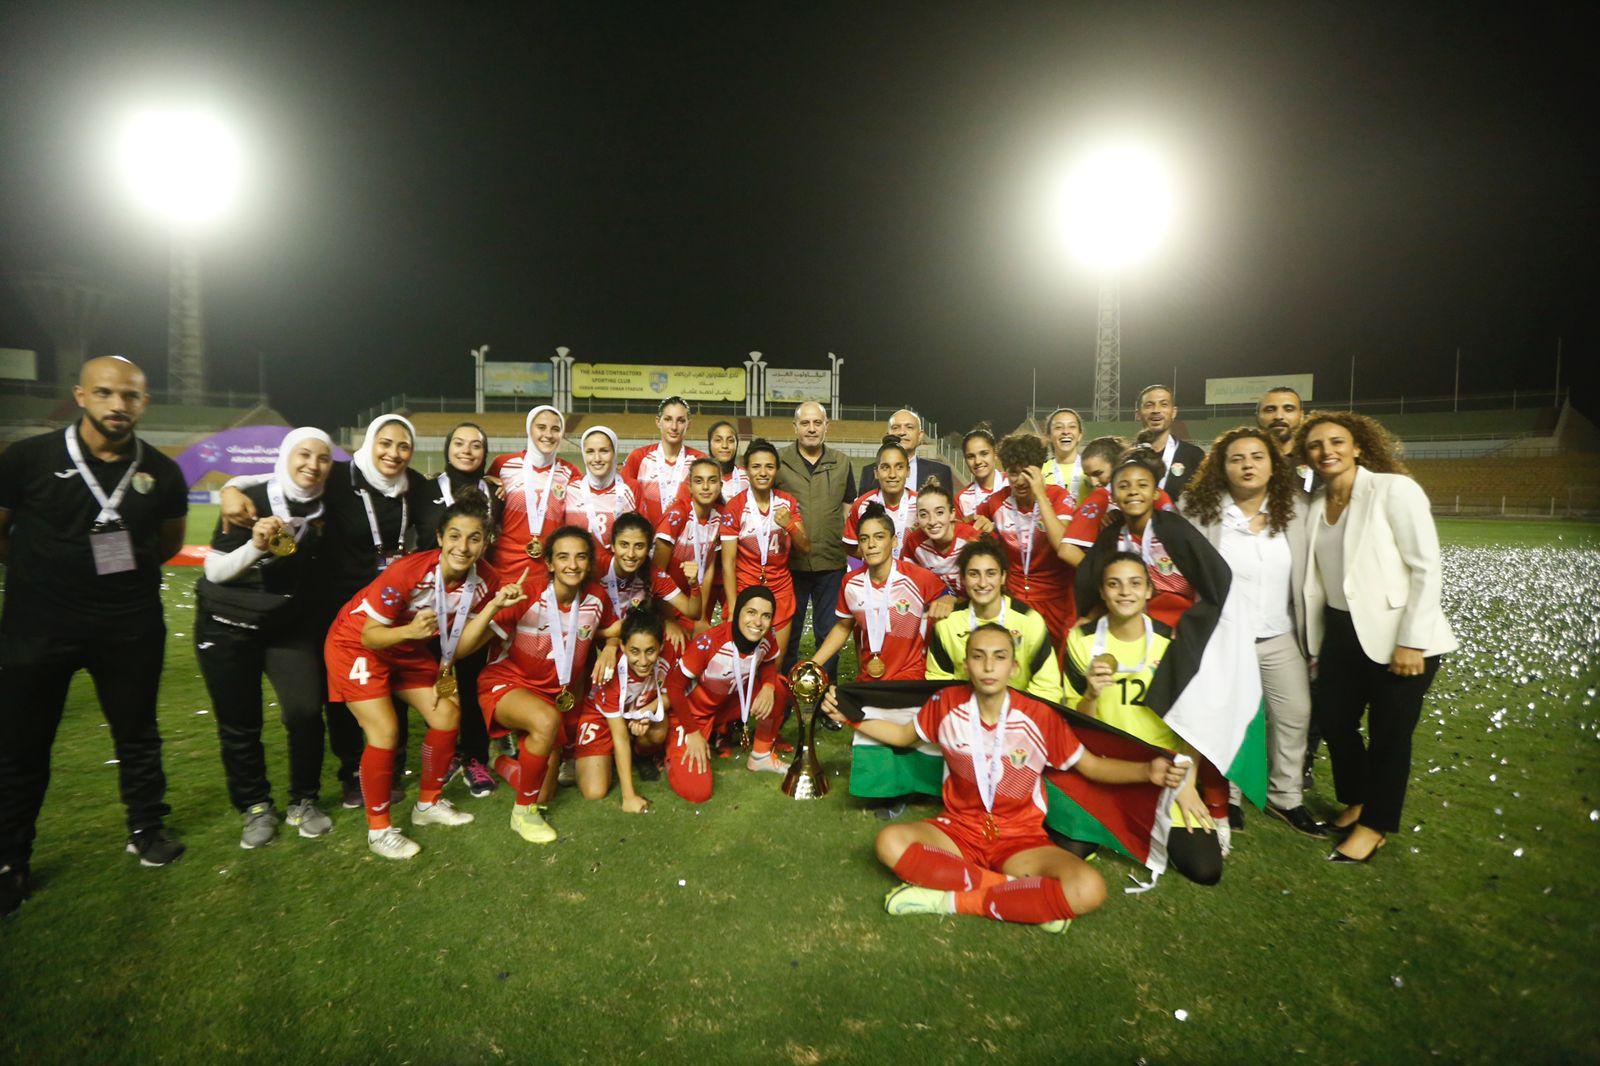 المنتخب الأردني للسيدات يحرز لقب كأس العرب 2021 في كرة القدم